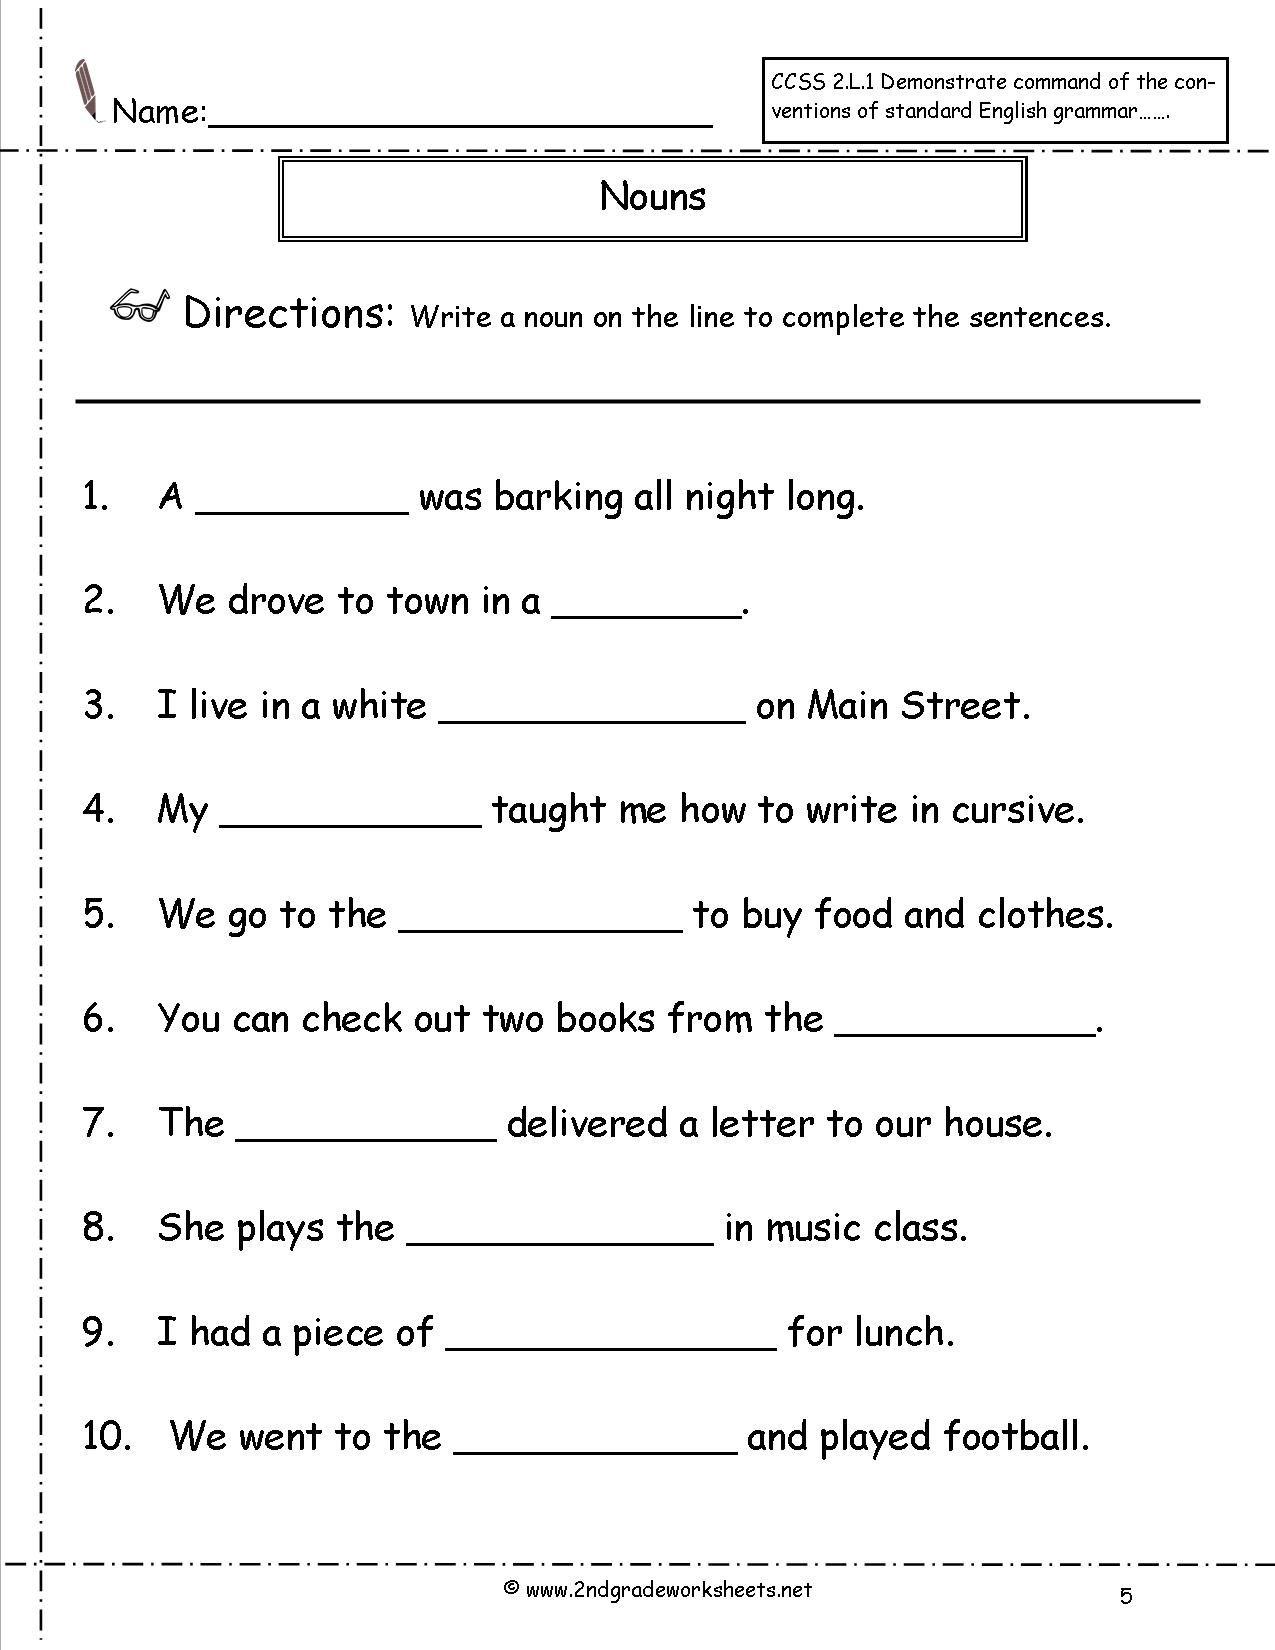 English Grammar Noun Worksheet For Grade 1 Elegant Nouns